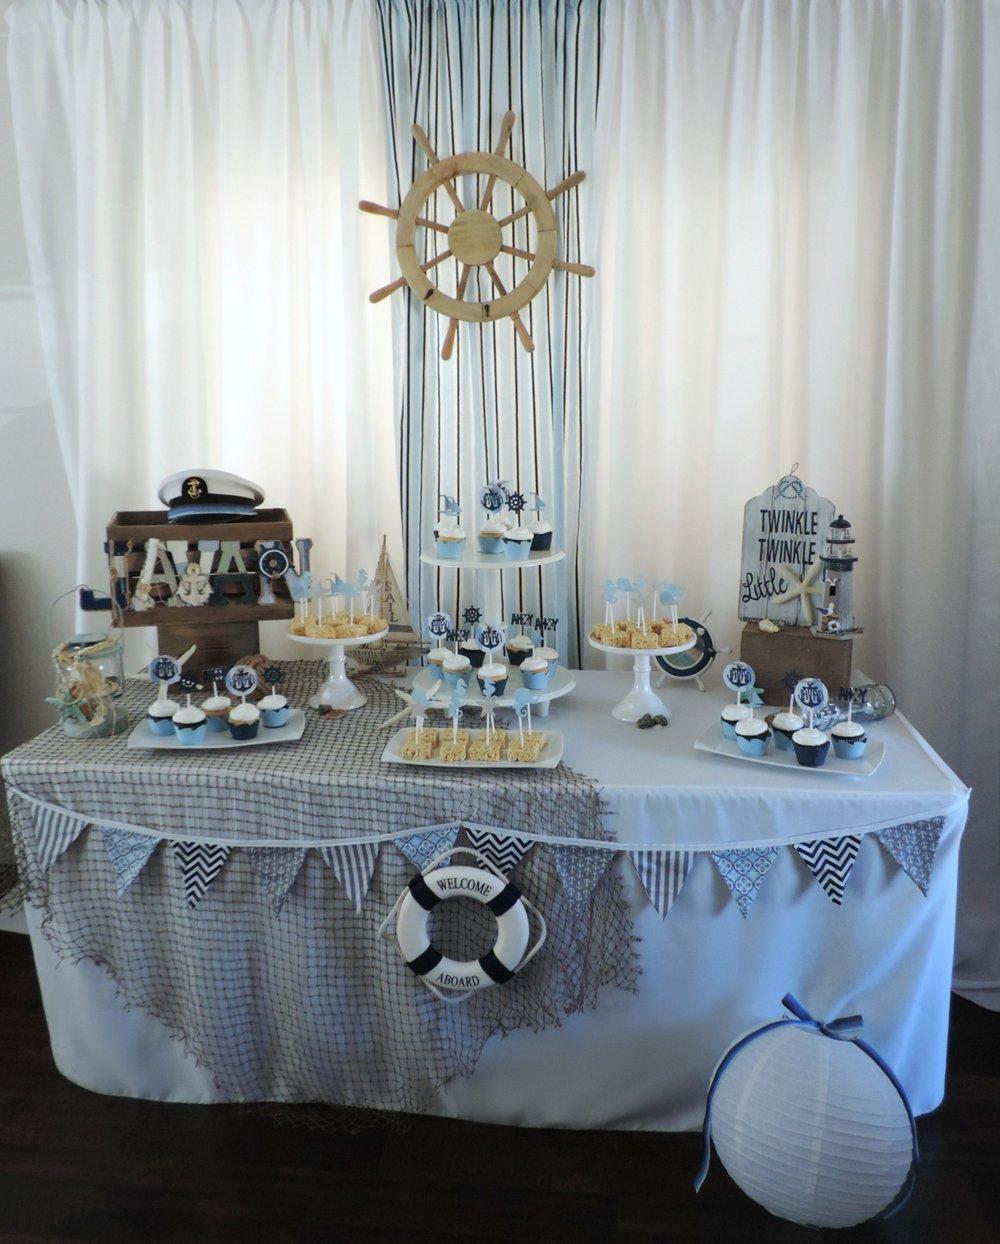 Ahoy Its a Boy baby shower-boy baby shower-beachy baby shower-baby shower dessert table-nautical baby shower-boy baby shower ideas-www.SugarPartiesLA.com.jpg